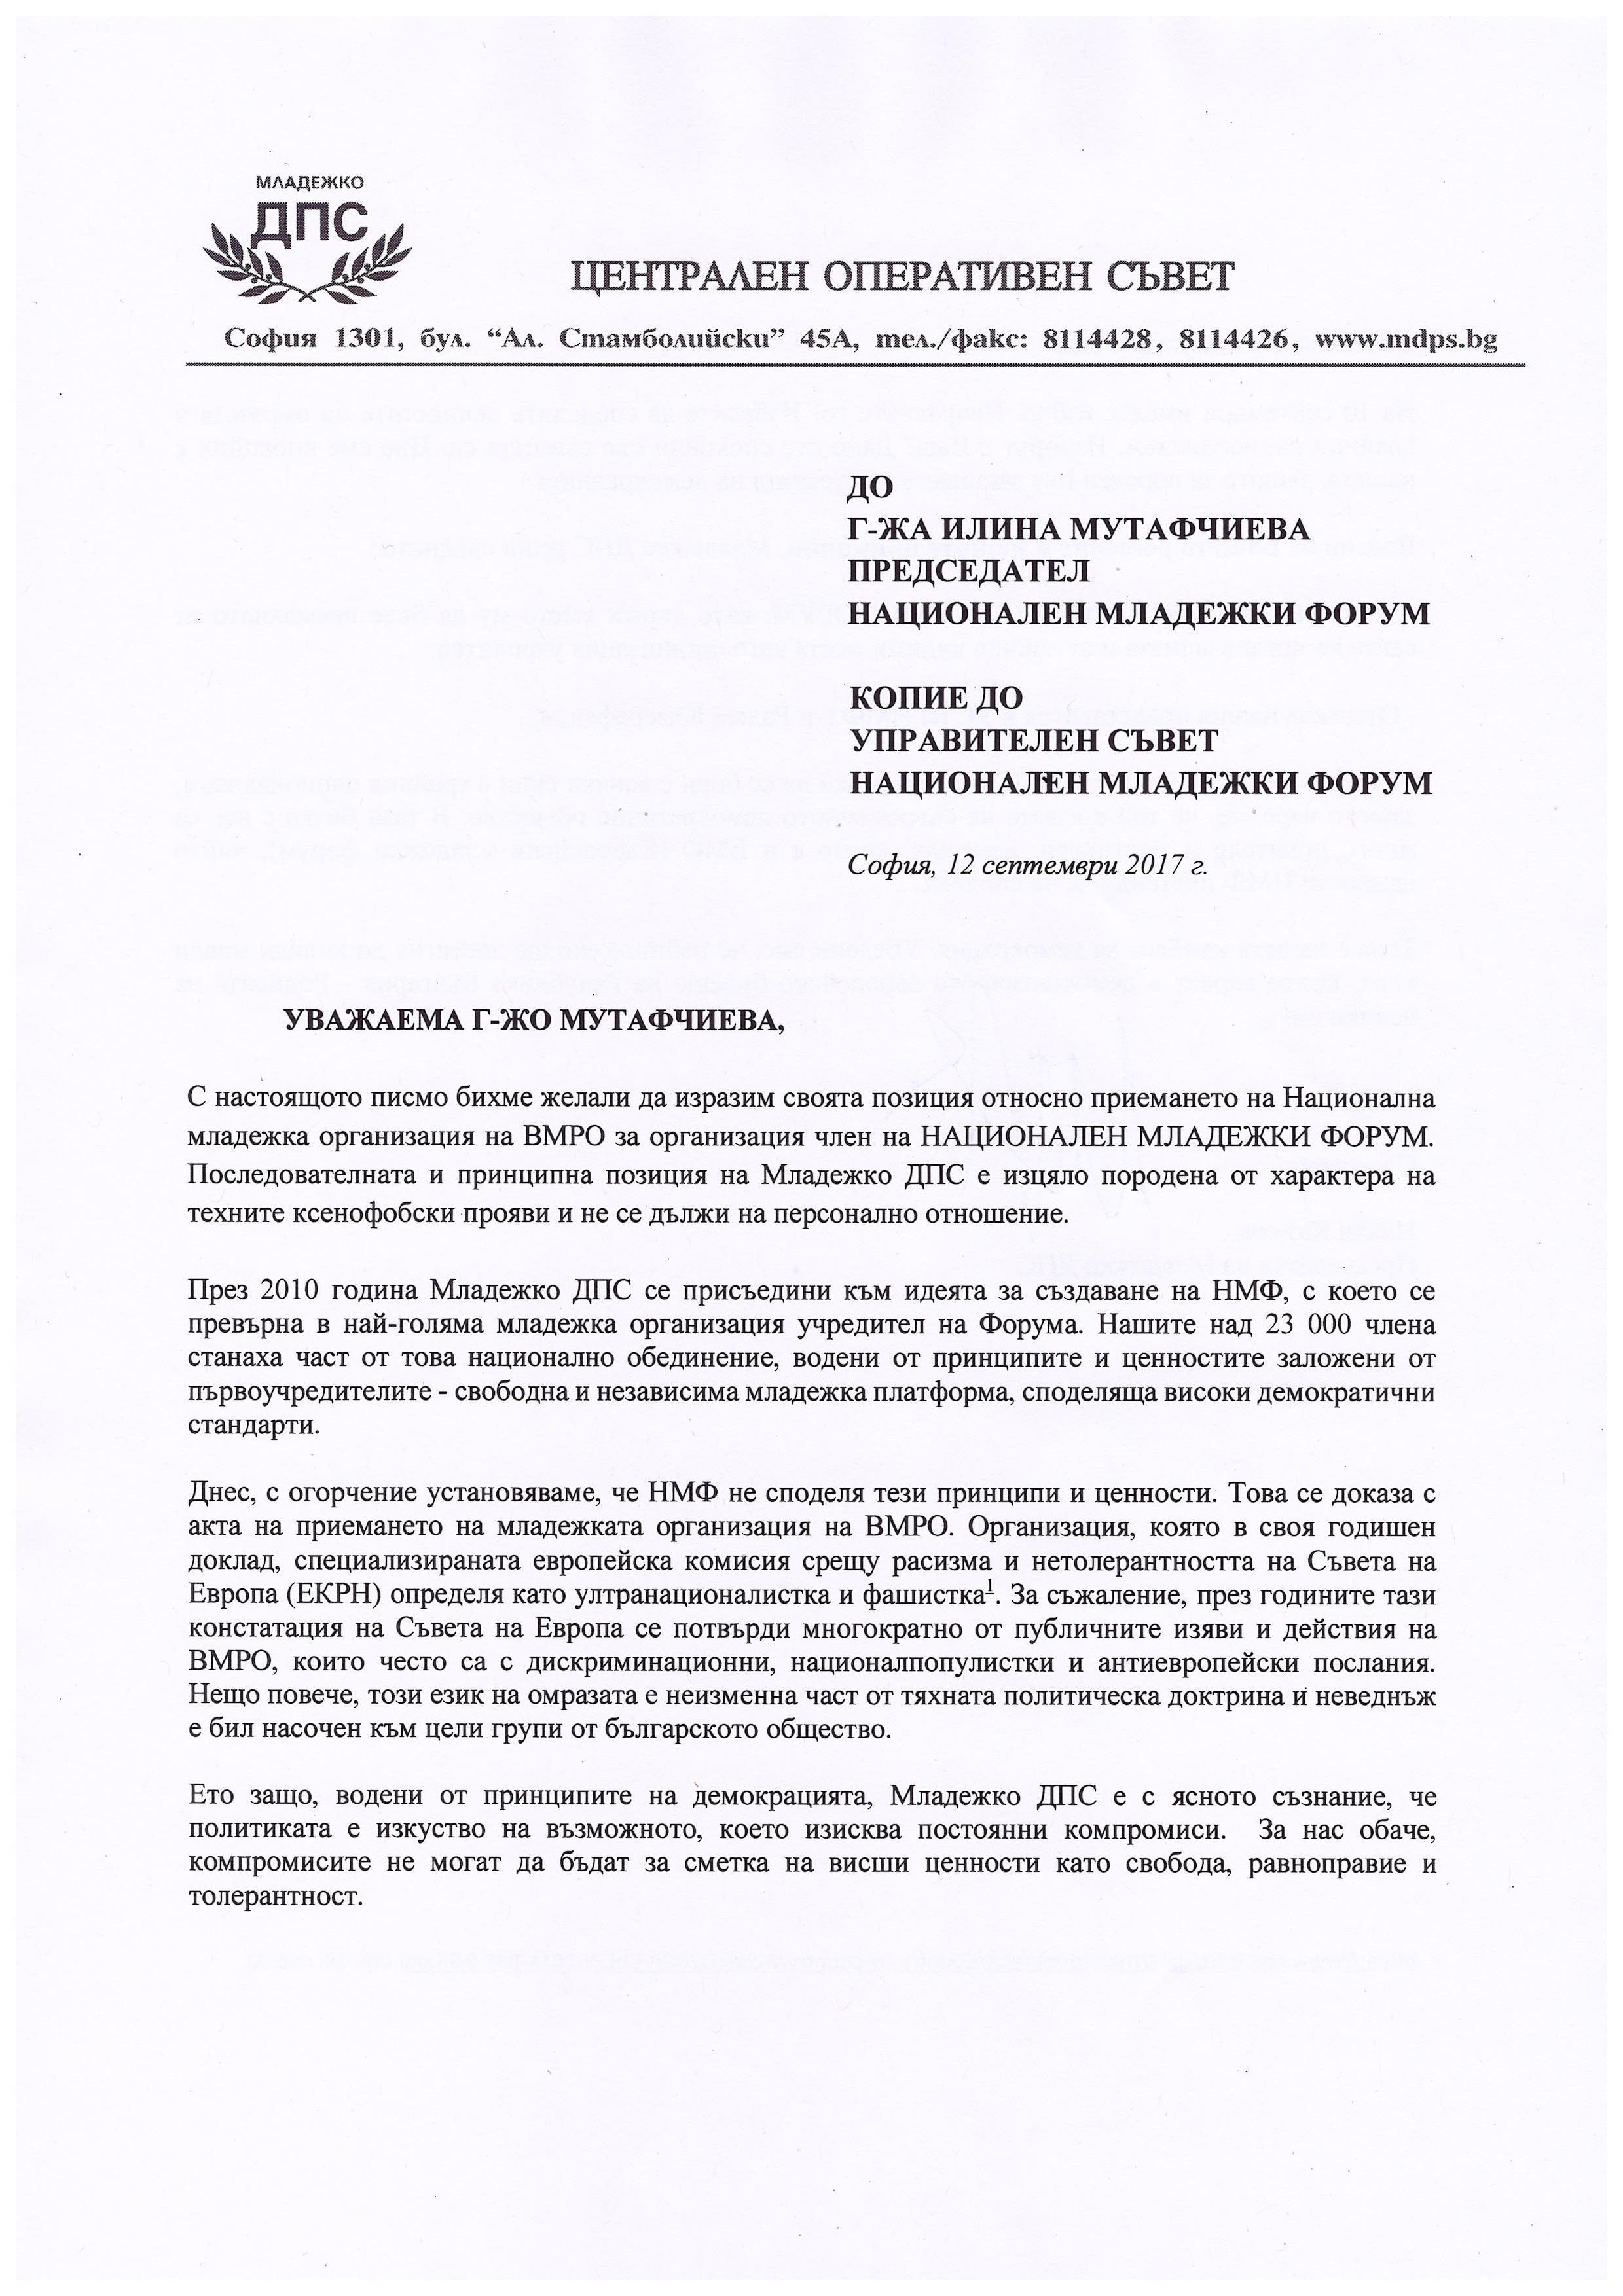 Младежко ДПС прекрати членството си в Националния младежки форум